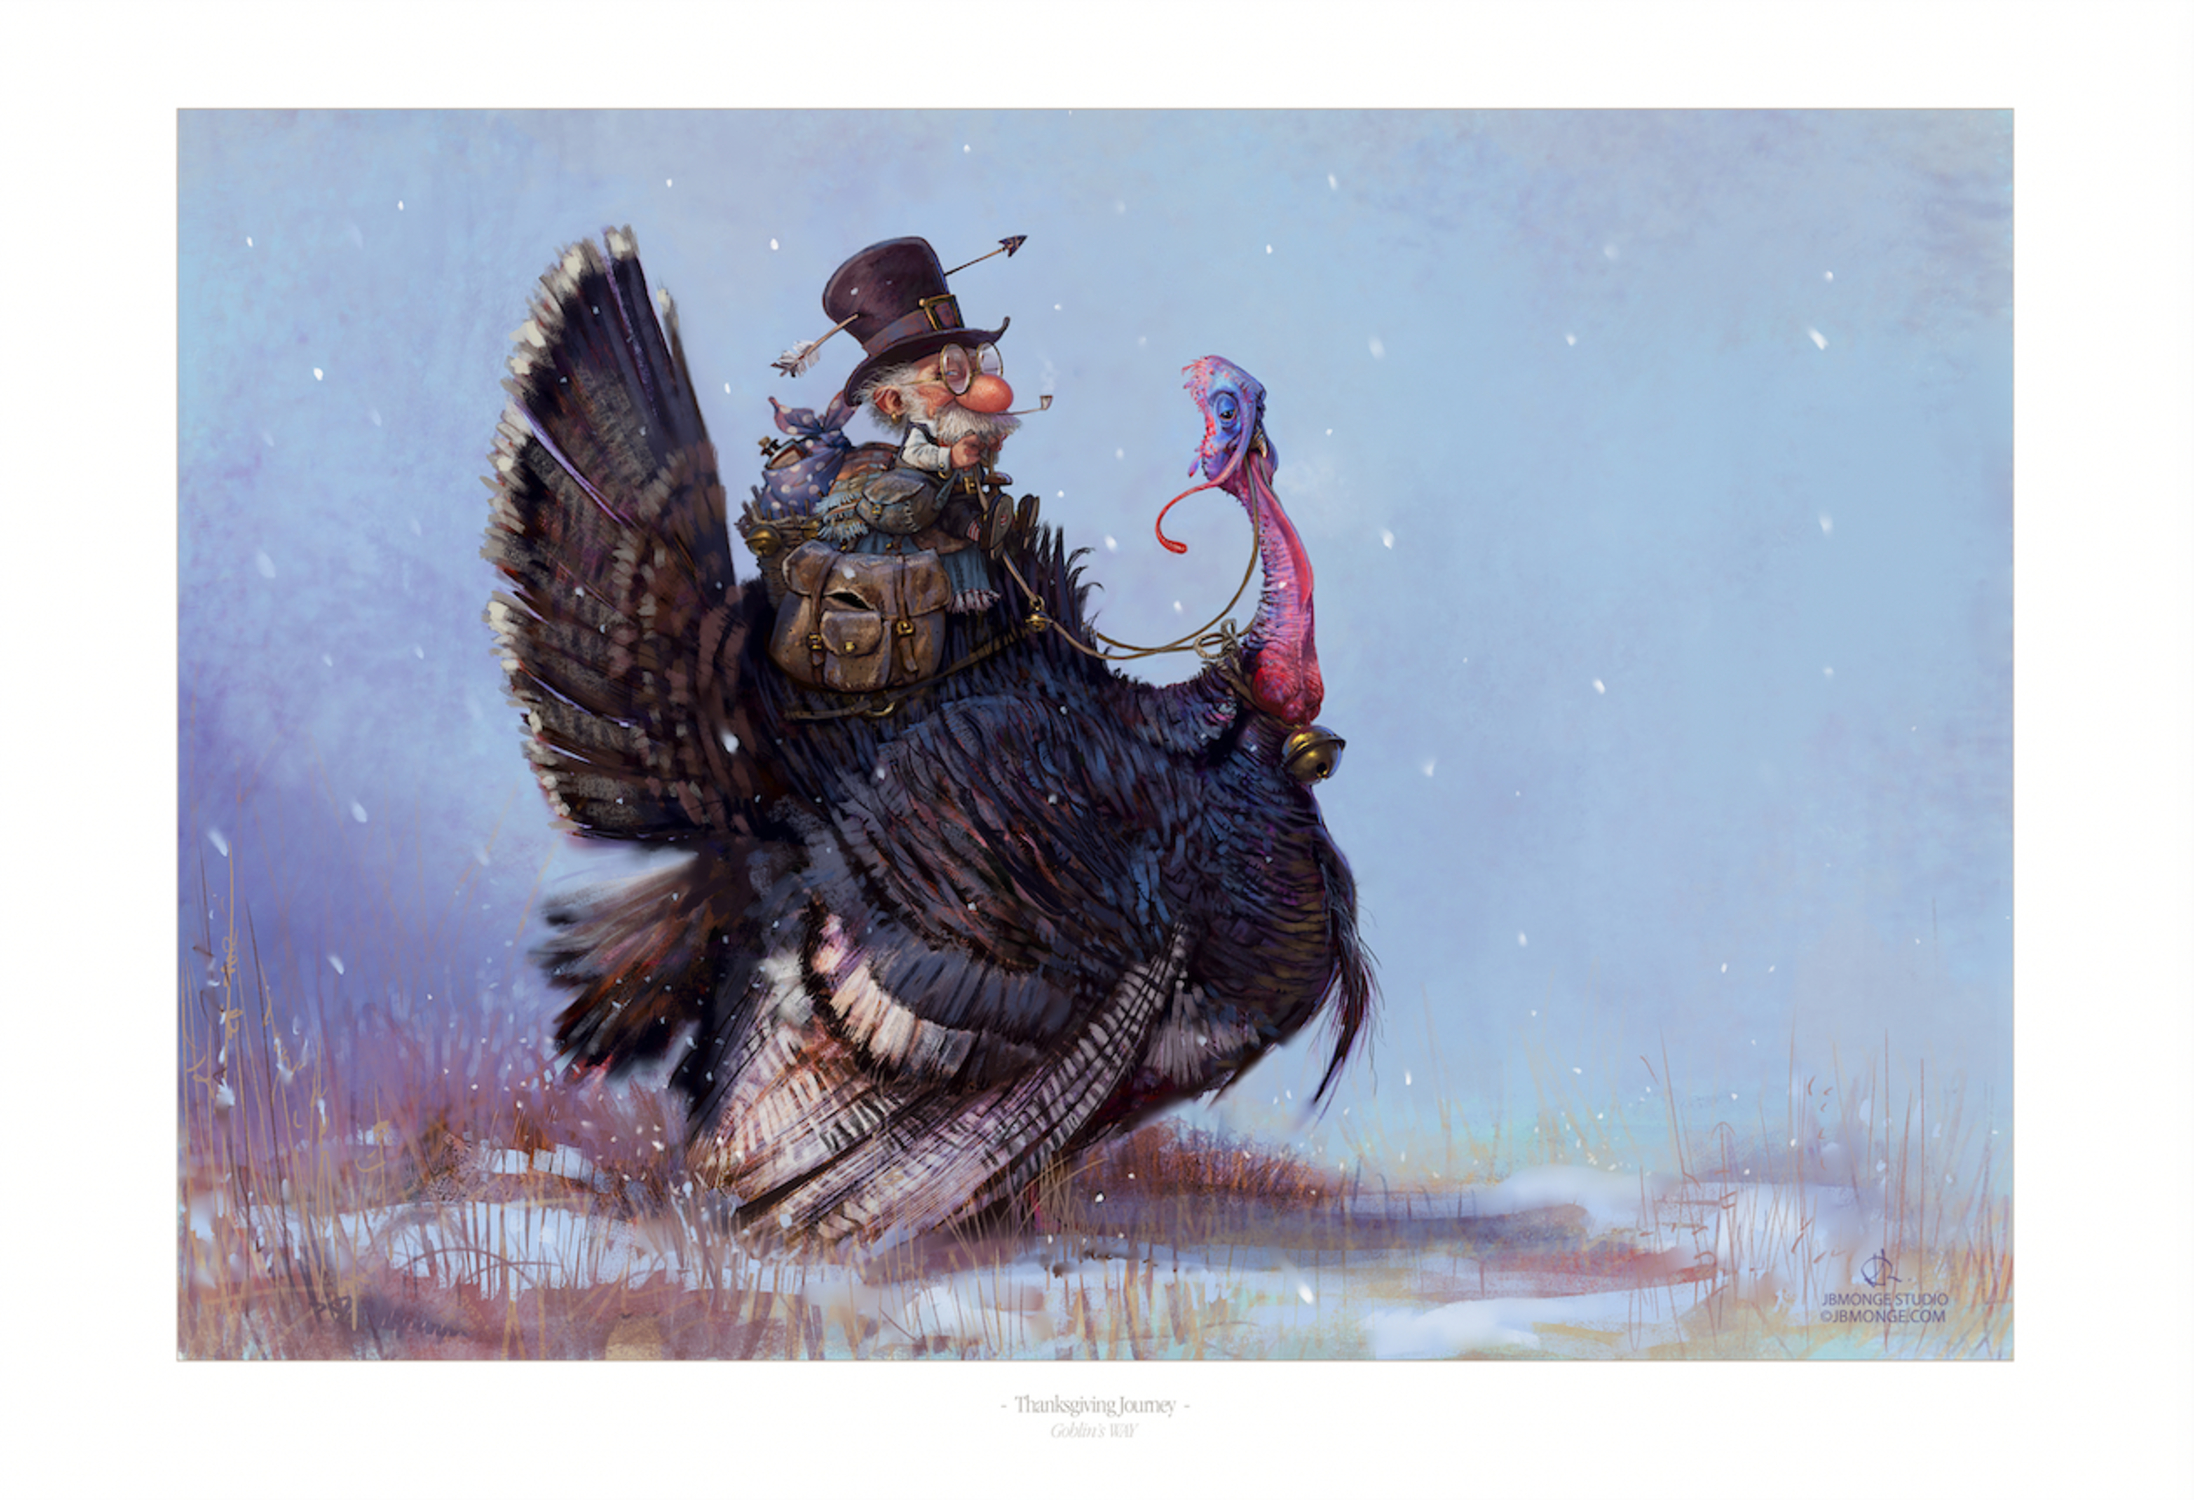 Turkey Journey Artwork by Jean-Baptiste Monge